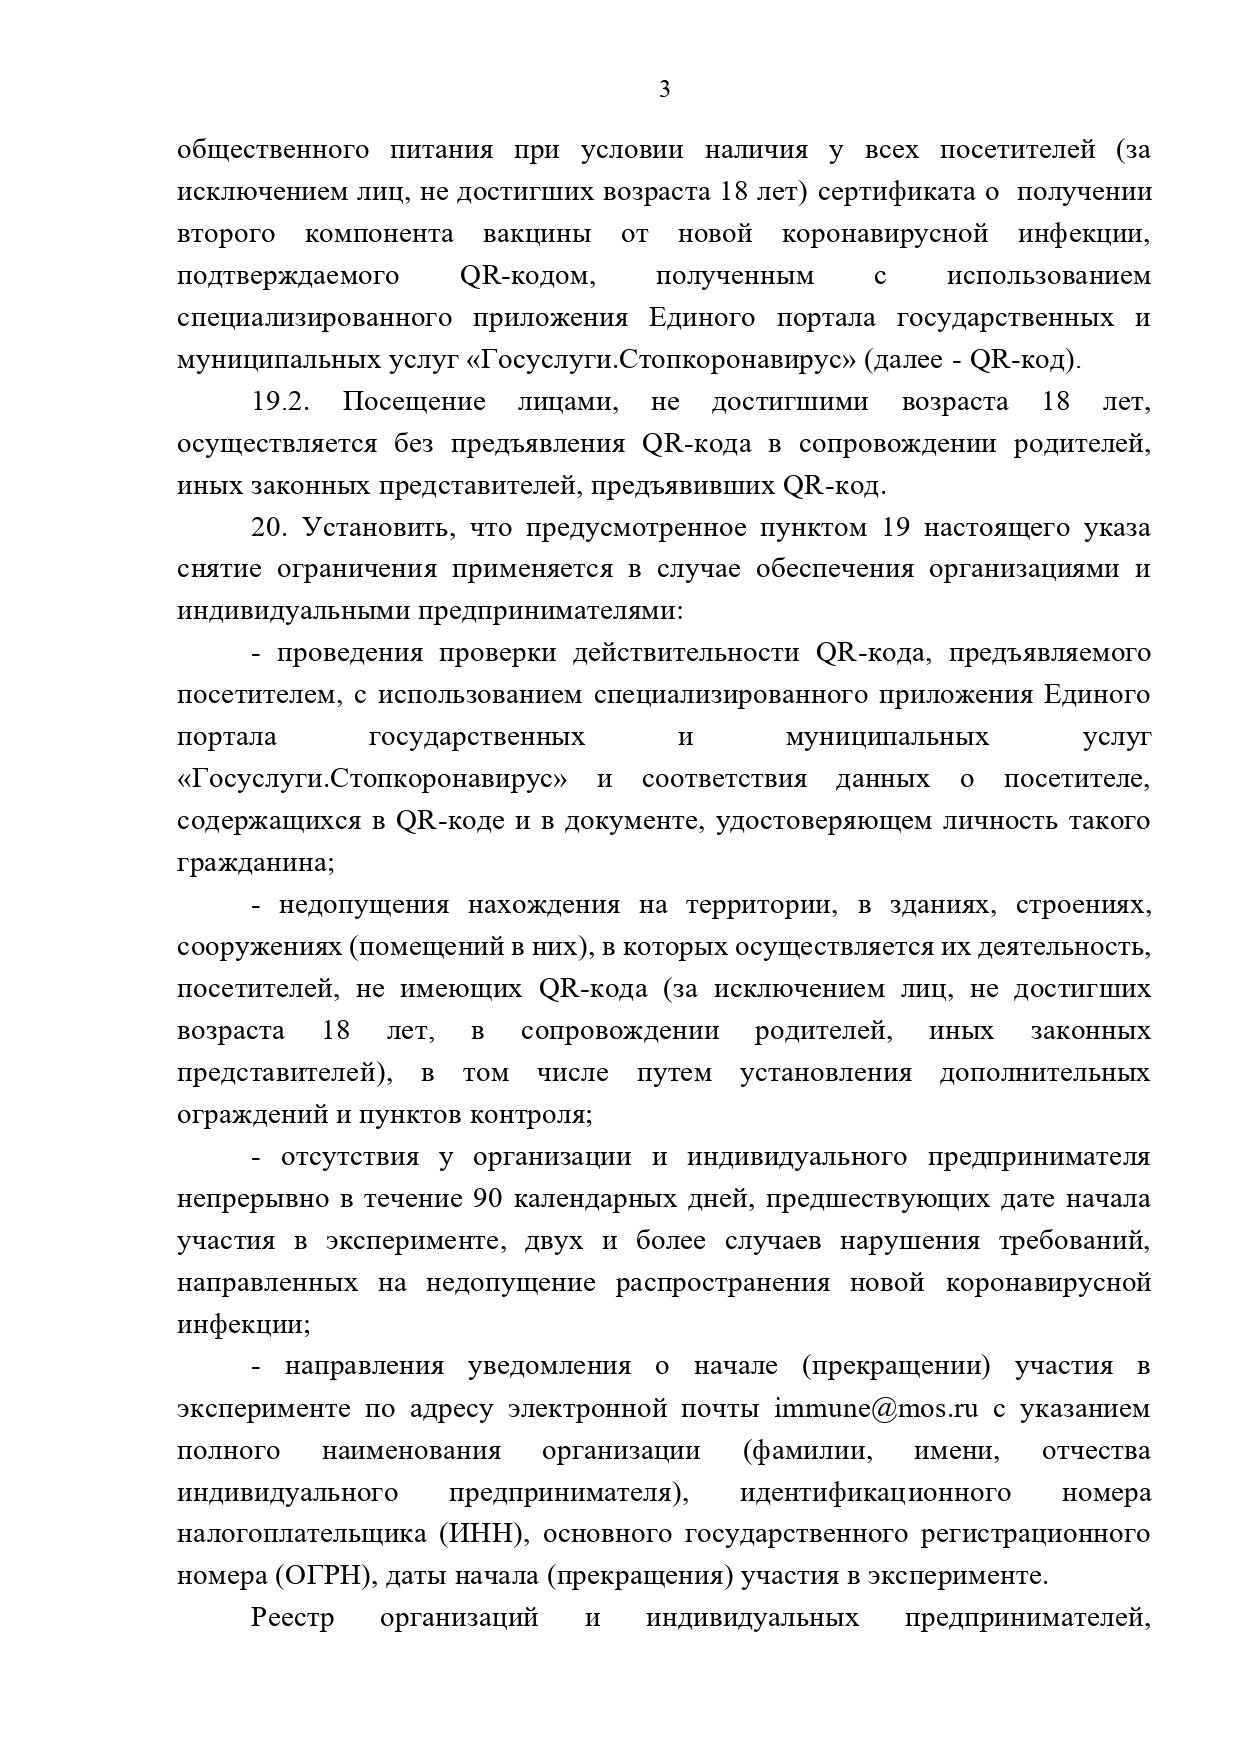 Указ Мэра Москвы Собянина С.С. от 18.06.2021 г. No 33-УМ 3